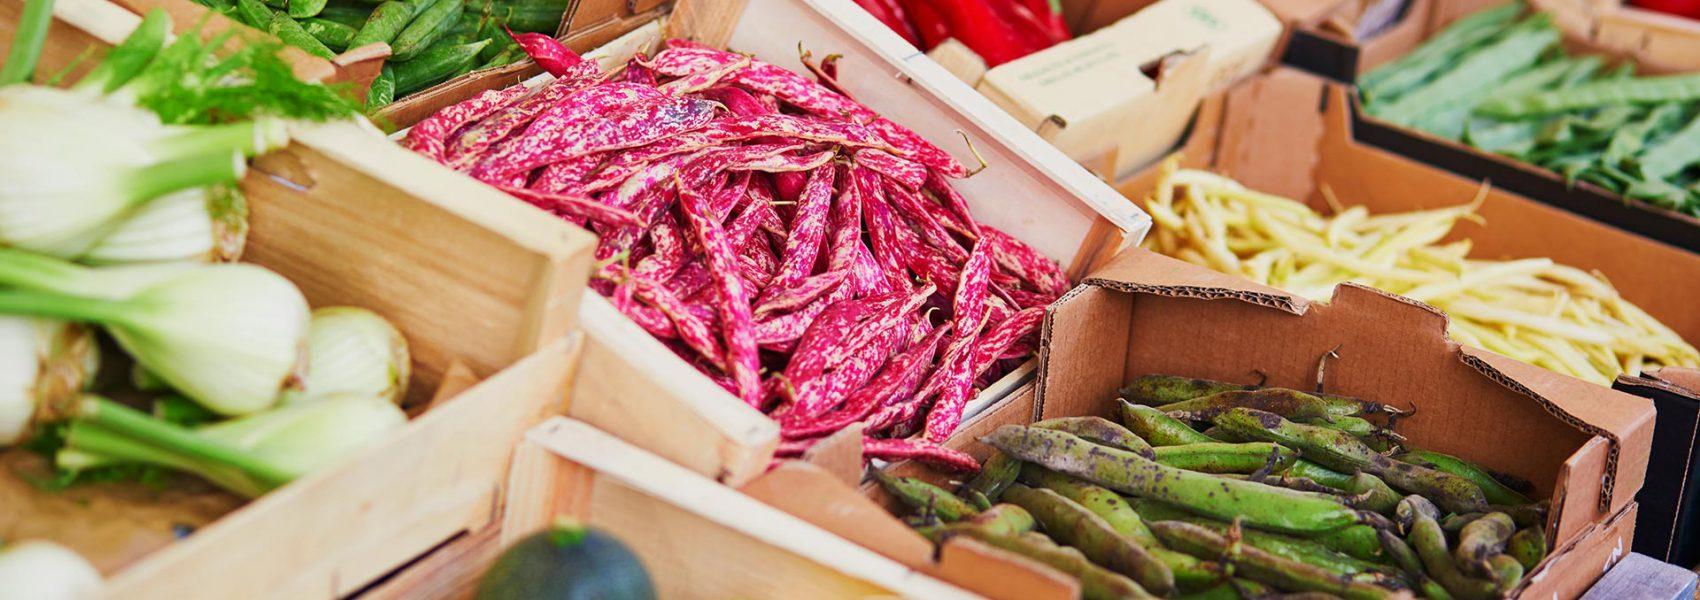 Présentation de l'entreprise Normandie Fruits Grossiste en fruits et légumes